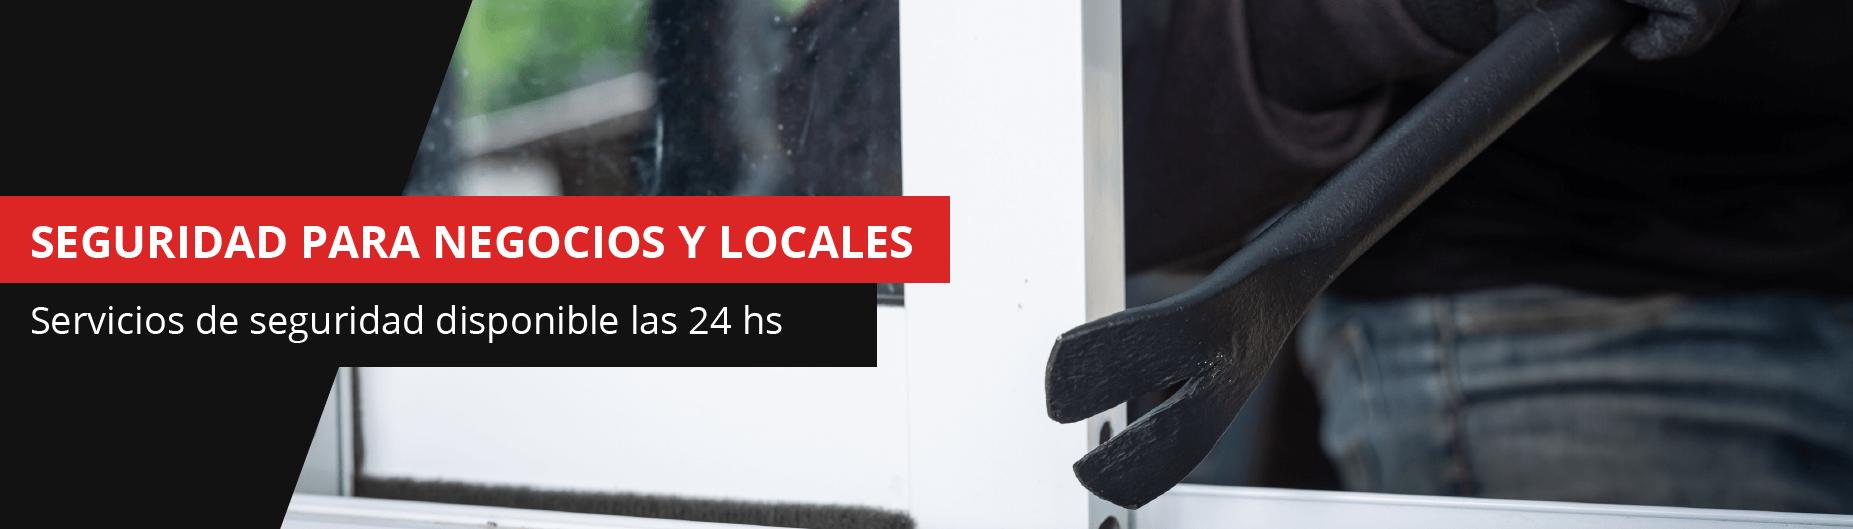 seguridad para negocios en asturias